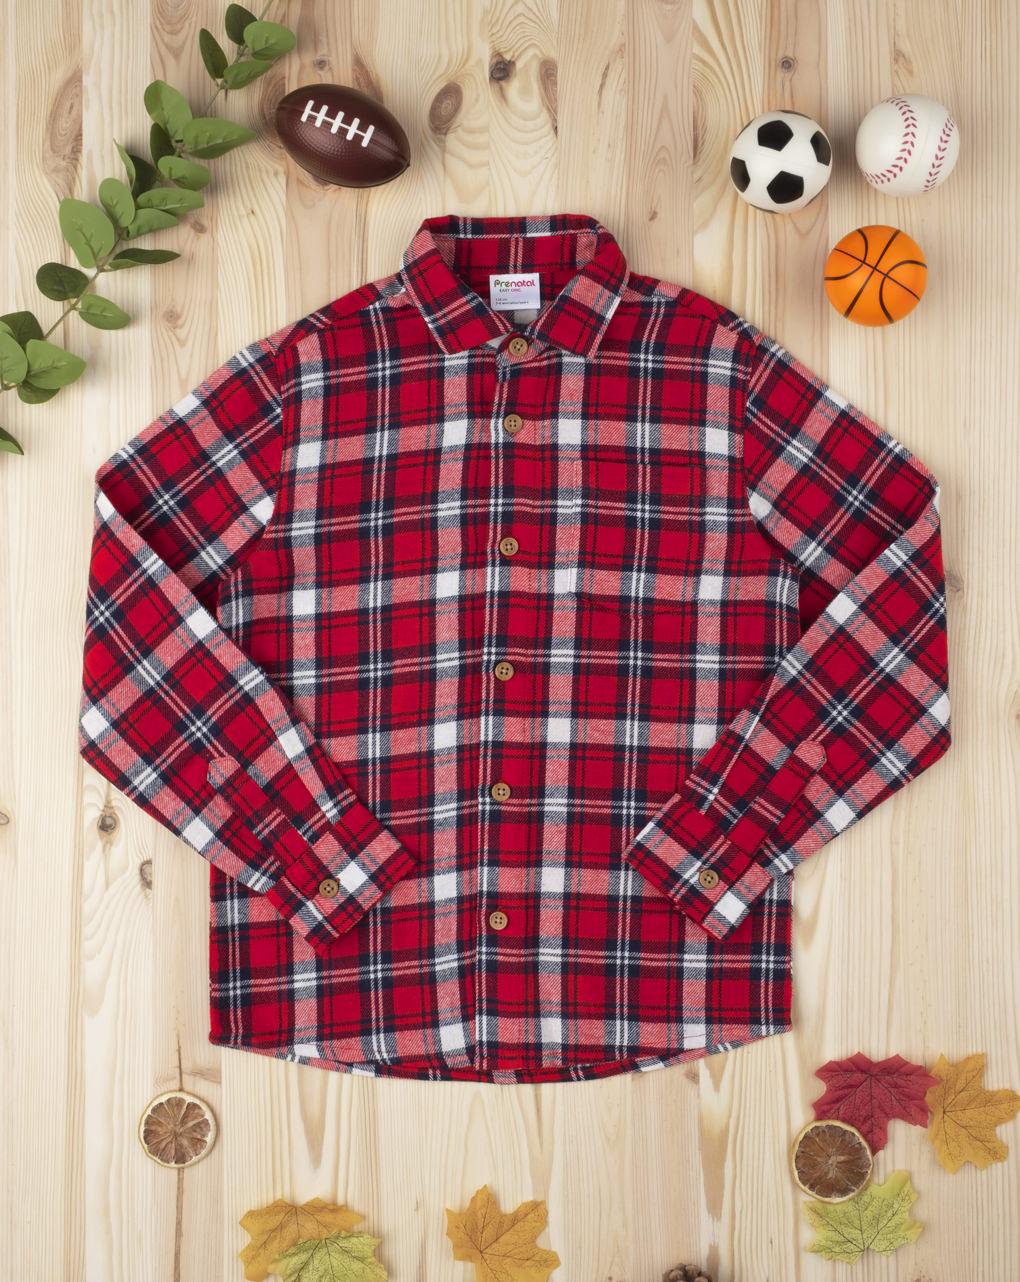 Camicia scozzese kid boy red - Prénatal